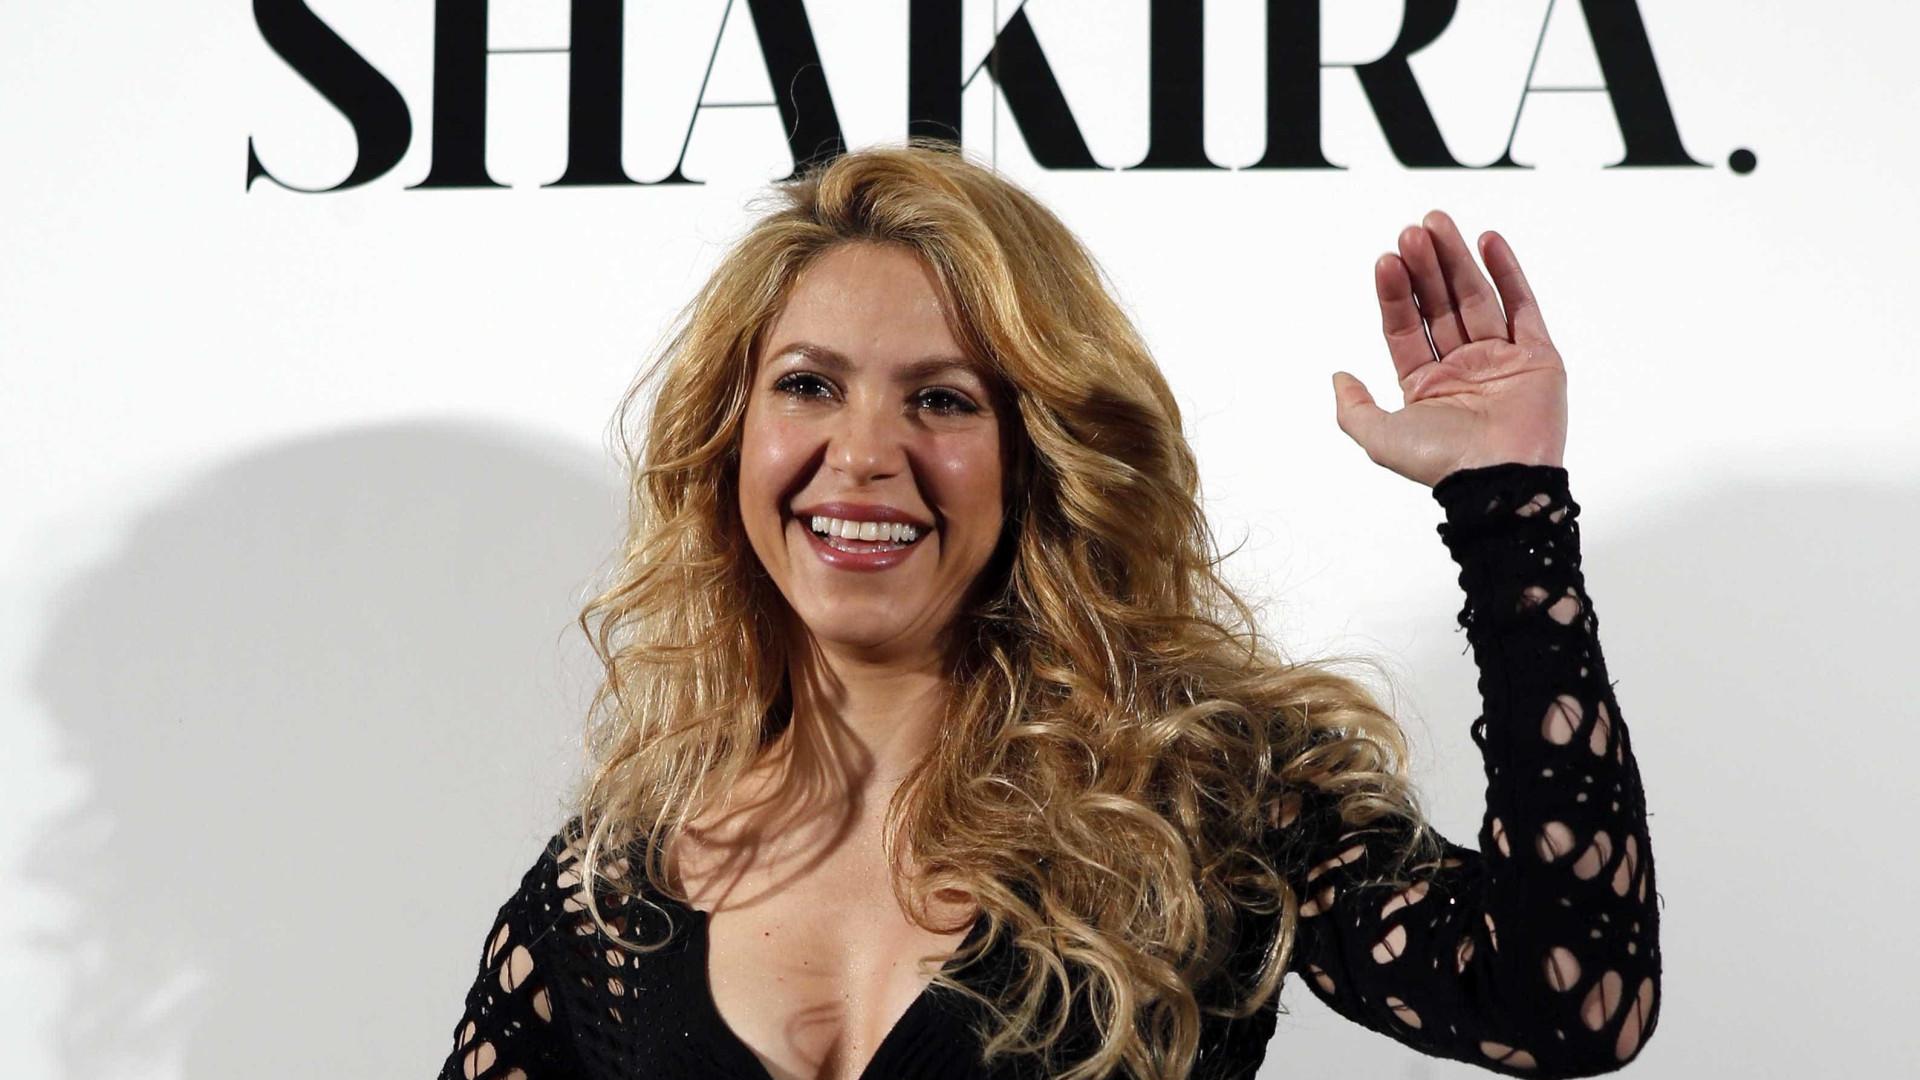 Shakira cancela mais shows após conselho dos médicos